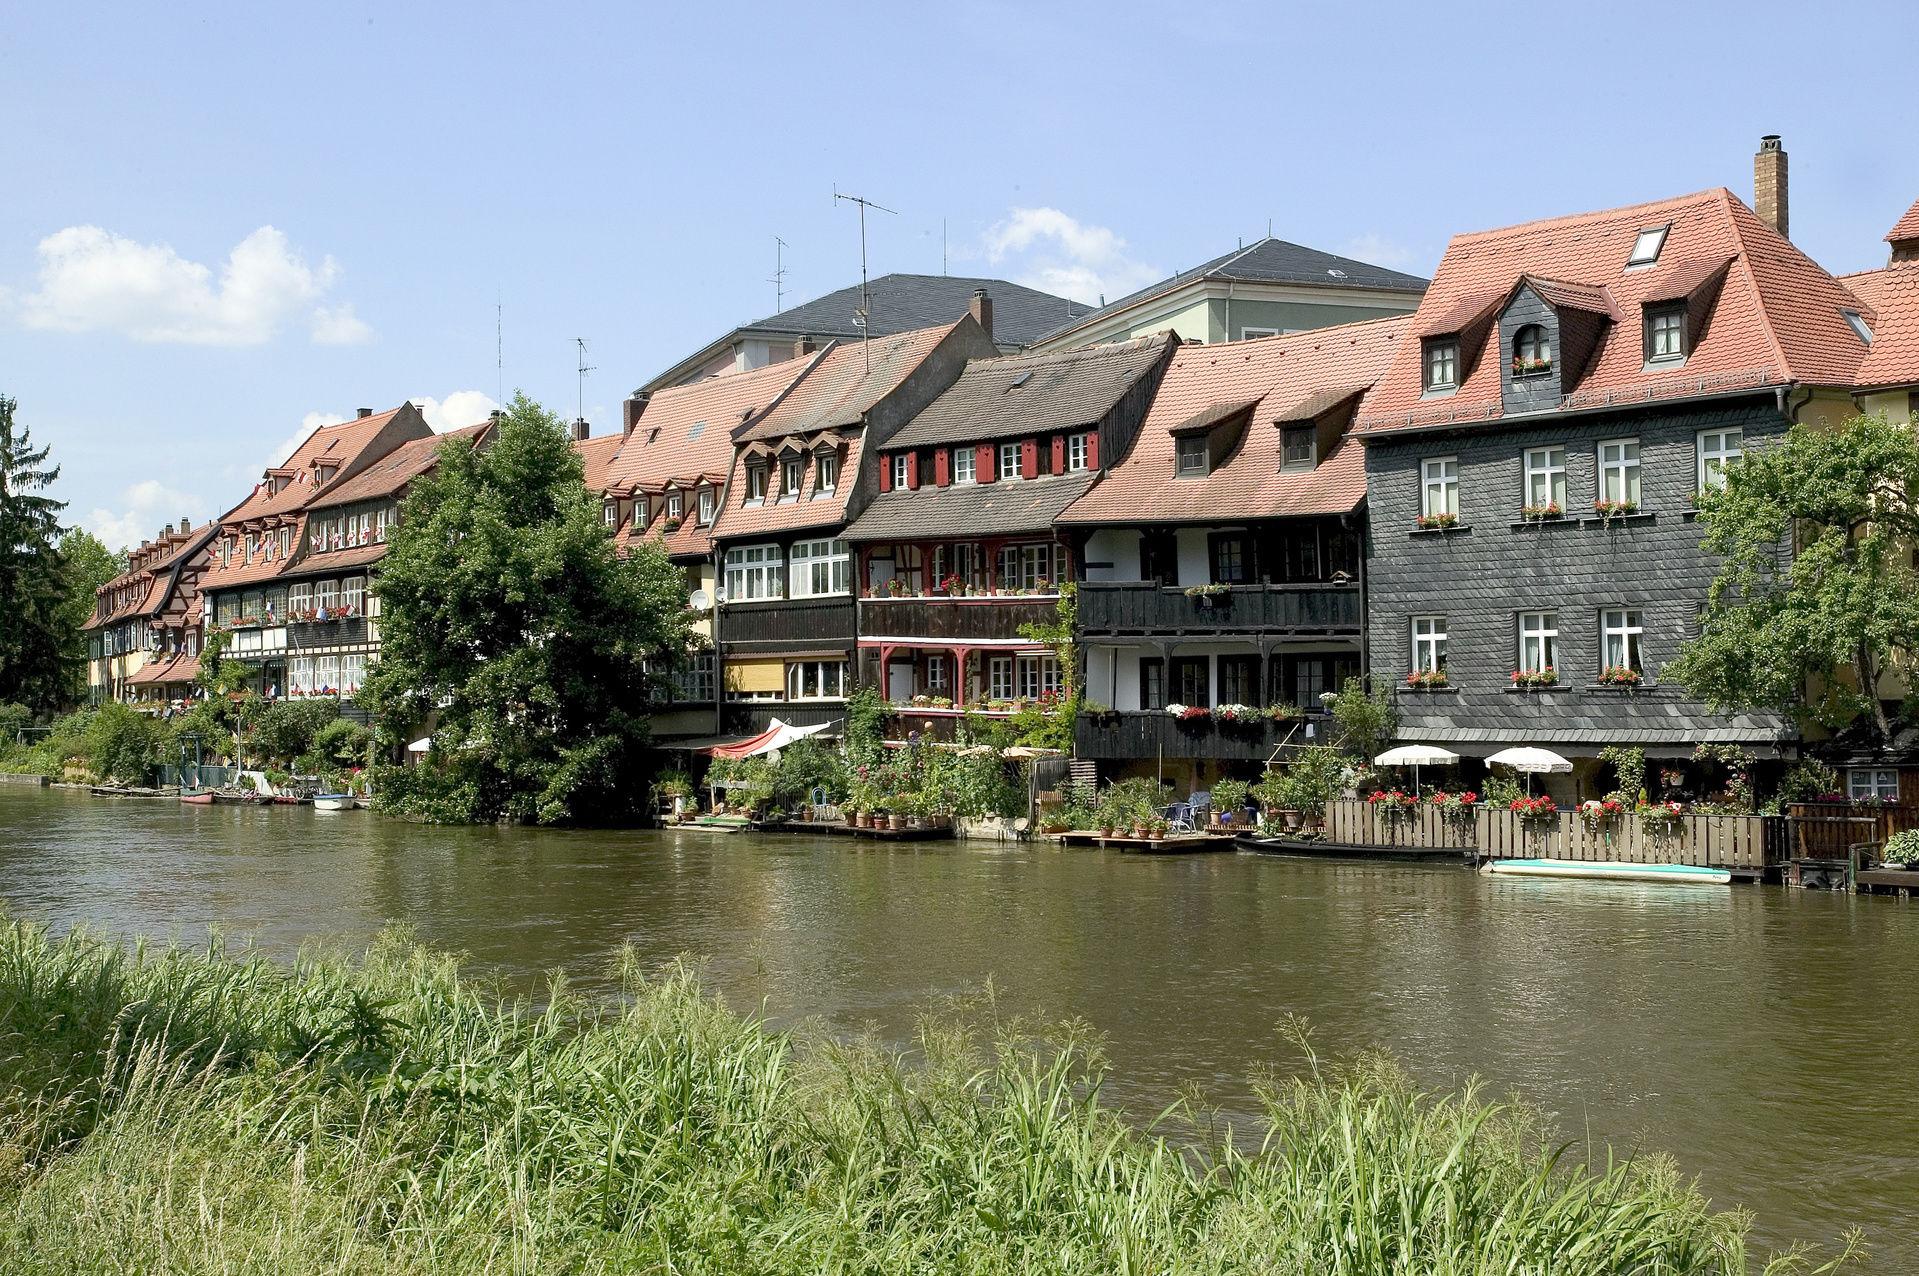 Sehenswürdigkeiten Gräfenberg Fränkische Schweiz Nürnberg Bamberg Bayreuth Urlaub Franken